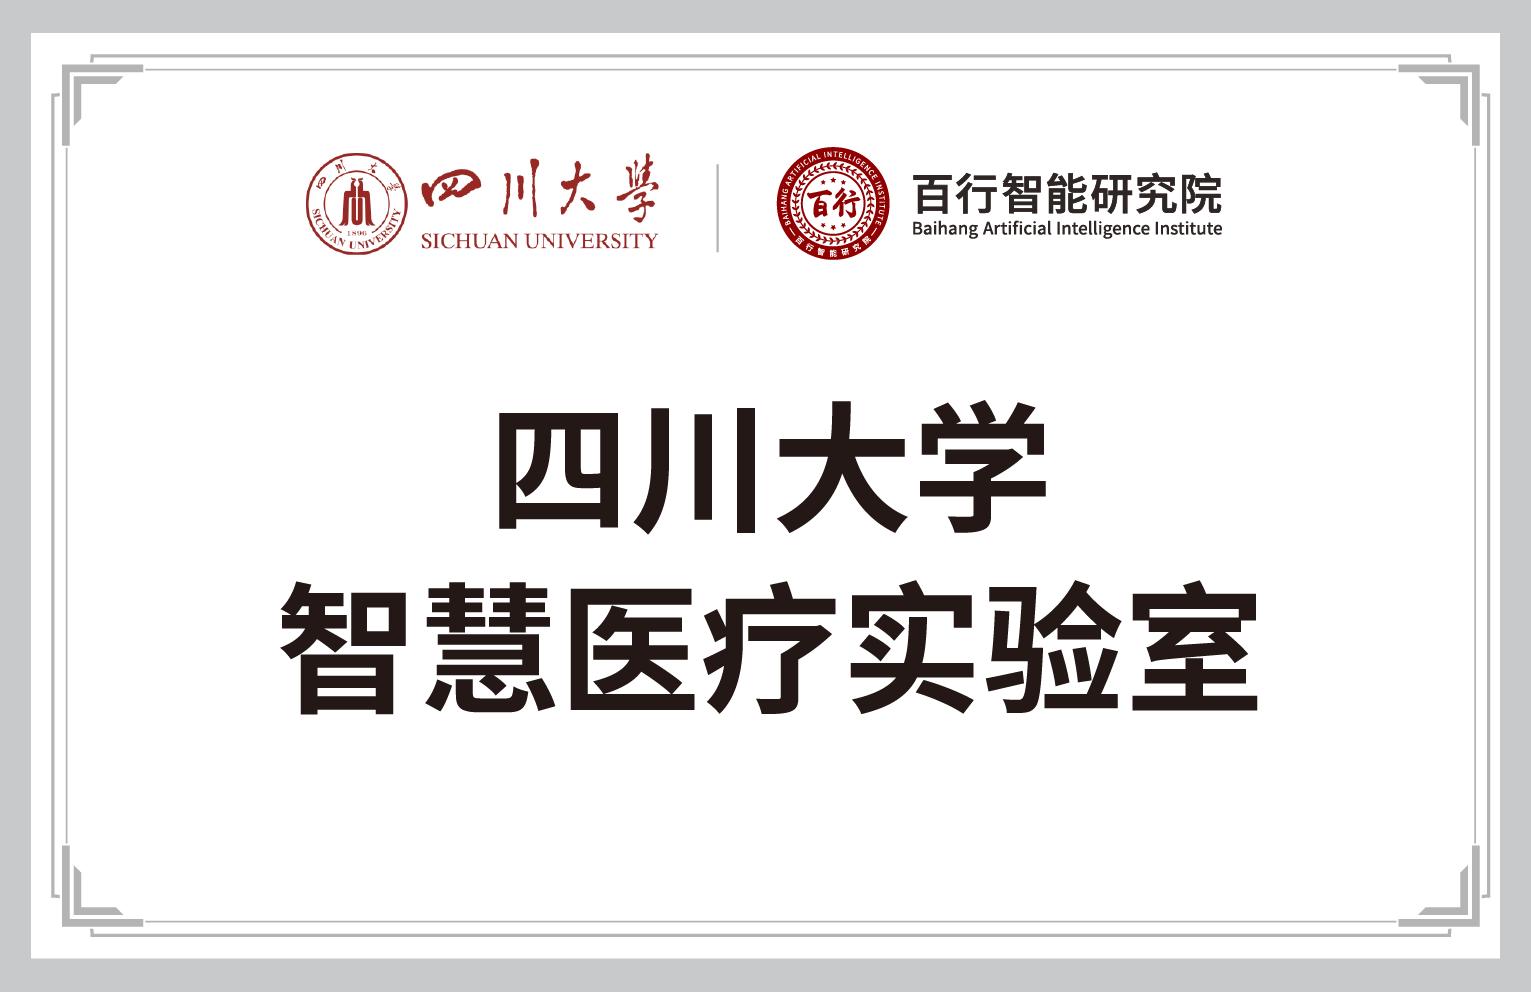 四川大学-百行智能研究院-智慧医疗实验室